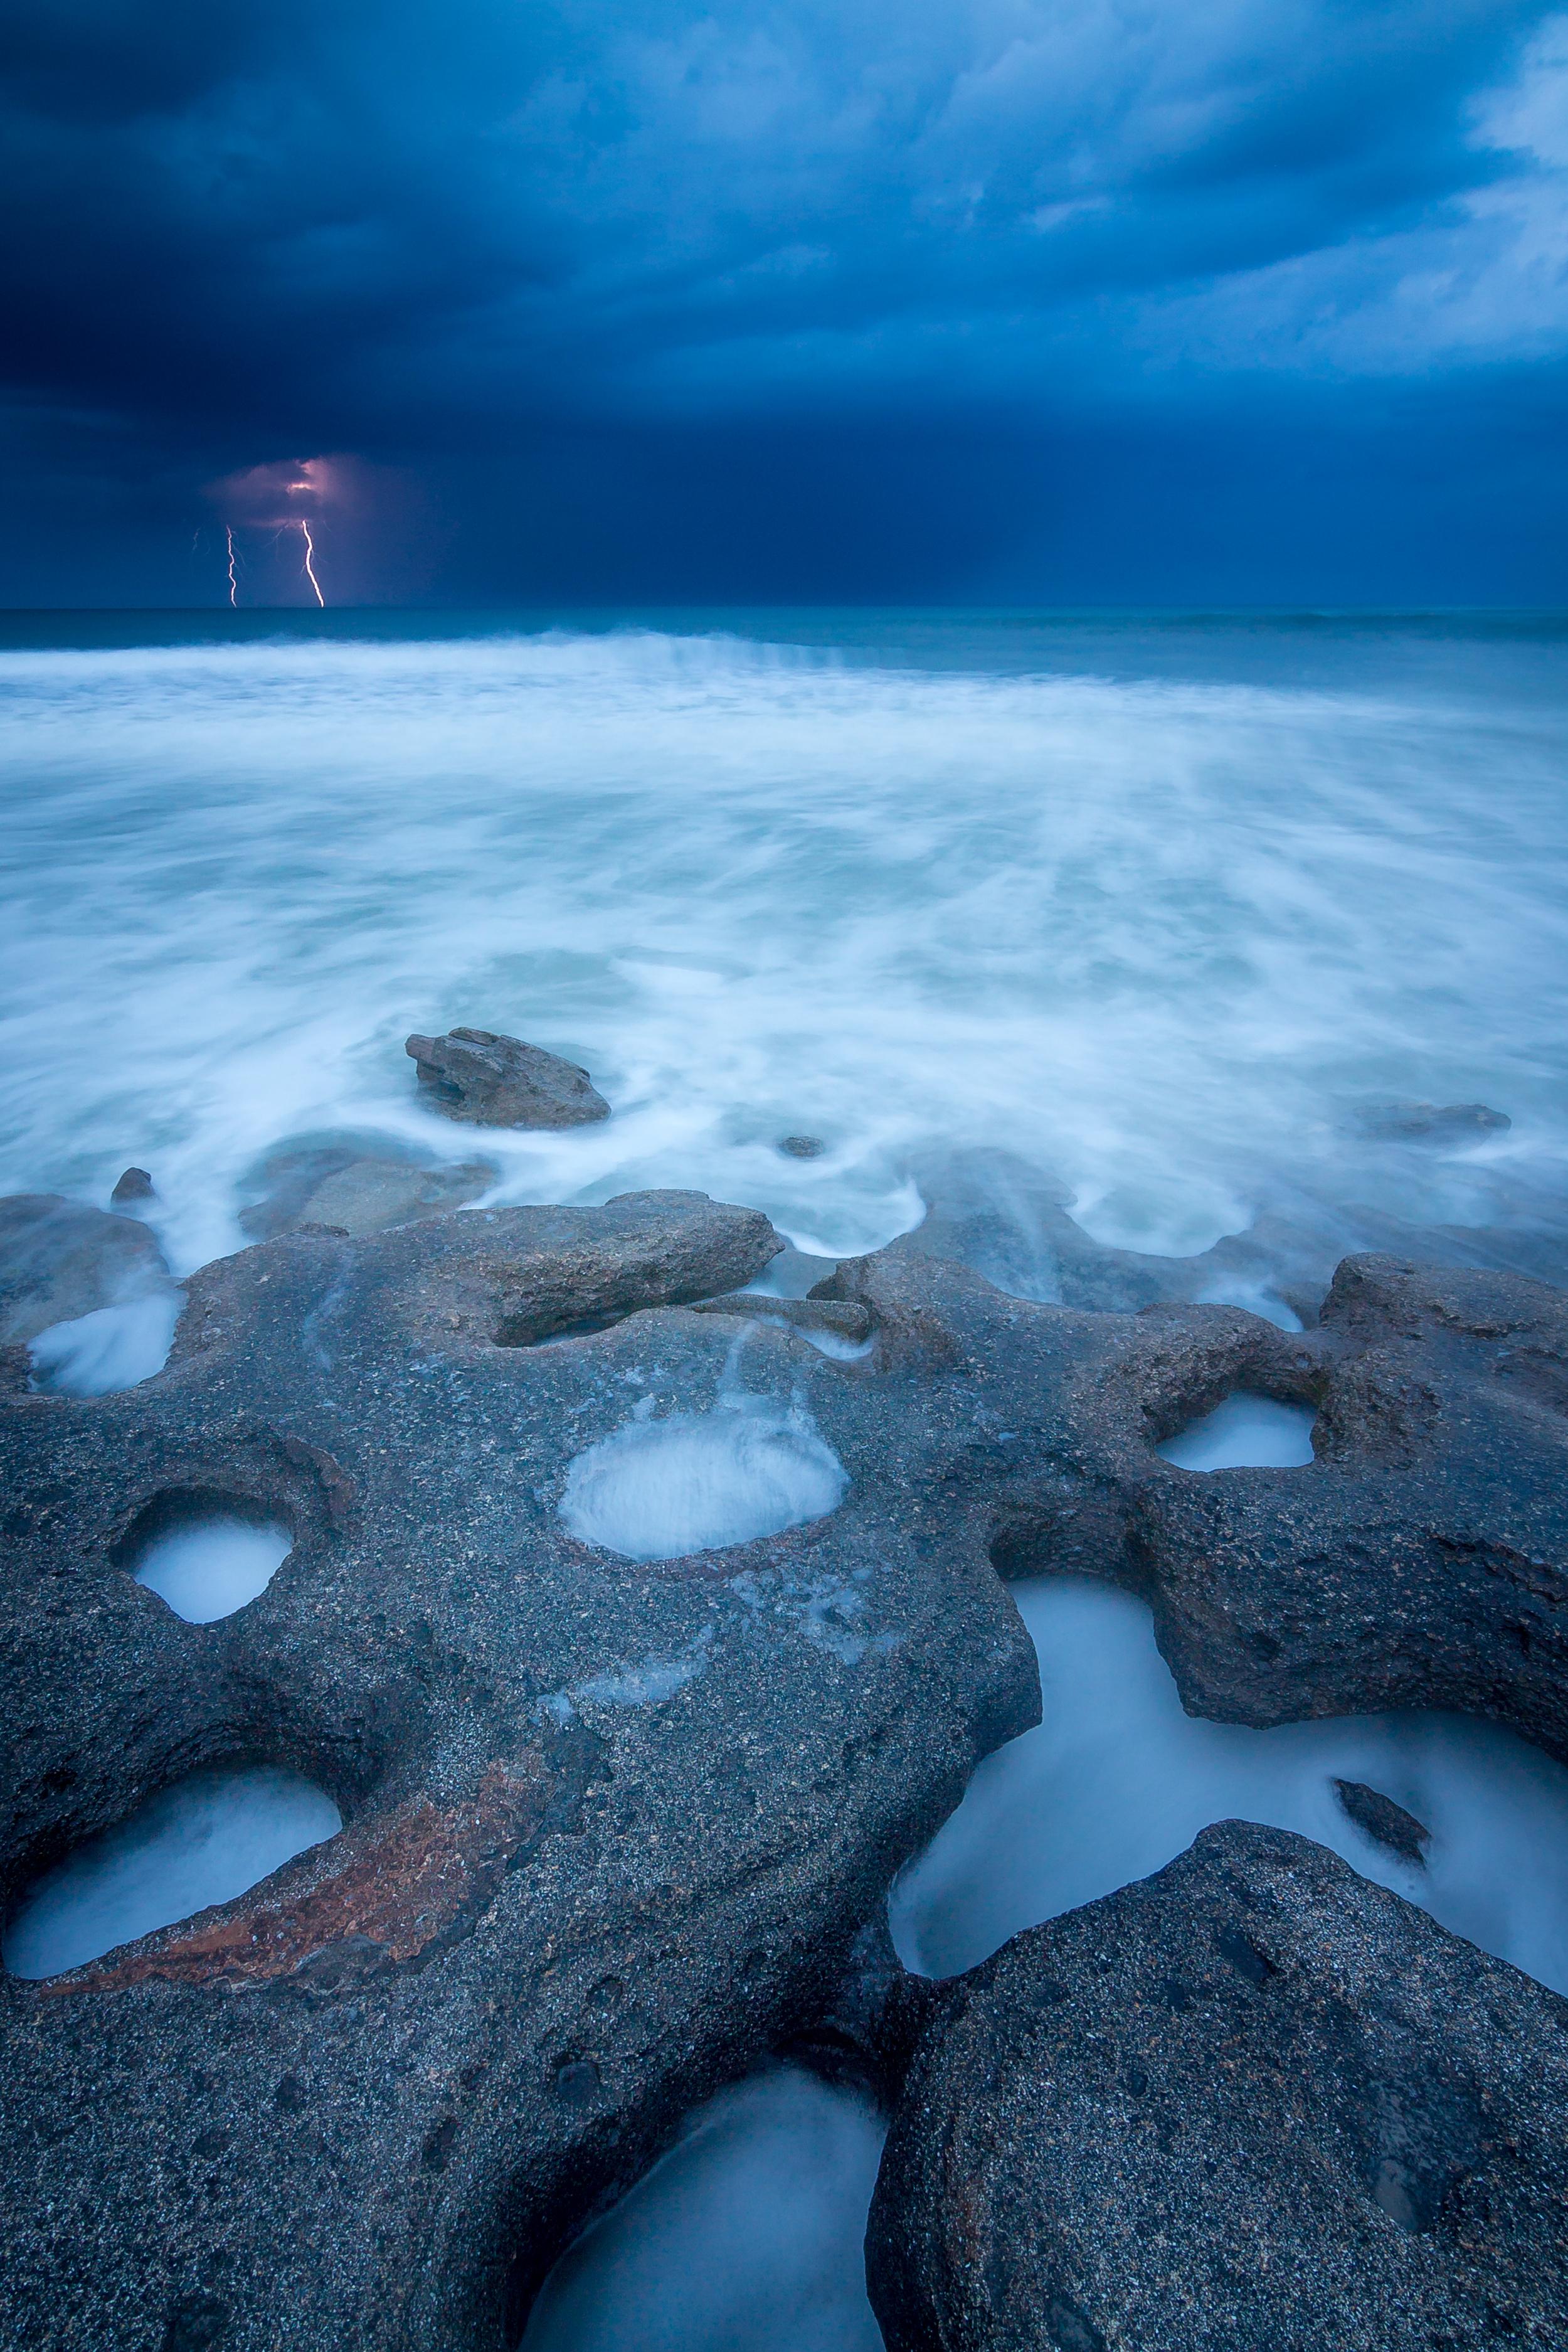 7 Stormy Seas at Washington Oaks